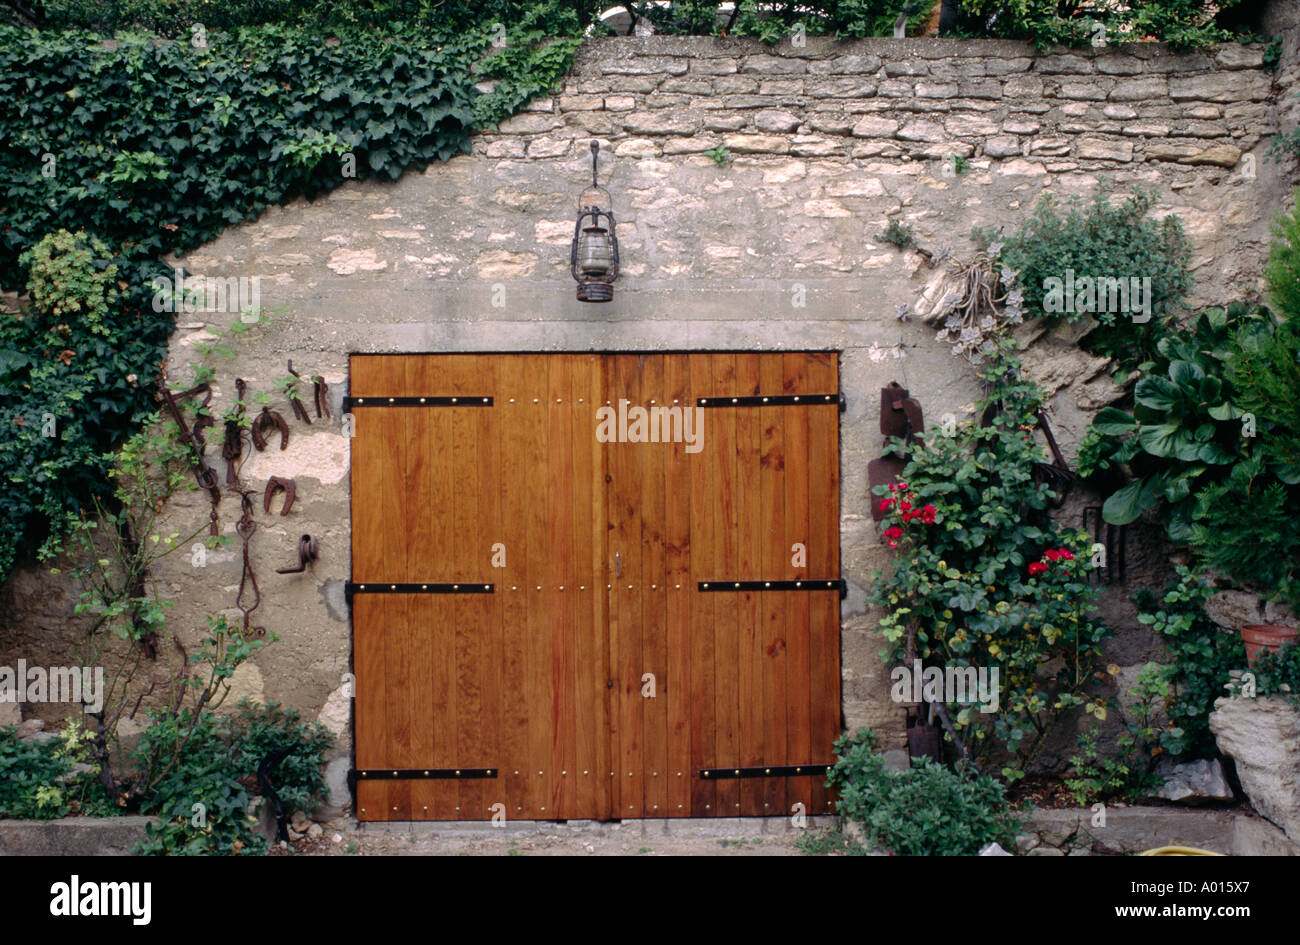 Garage door landscaping in the golden stone village of gordes garage door landscaping in the golden stone village of gordes provence france rubansaba